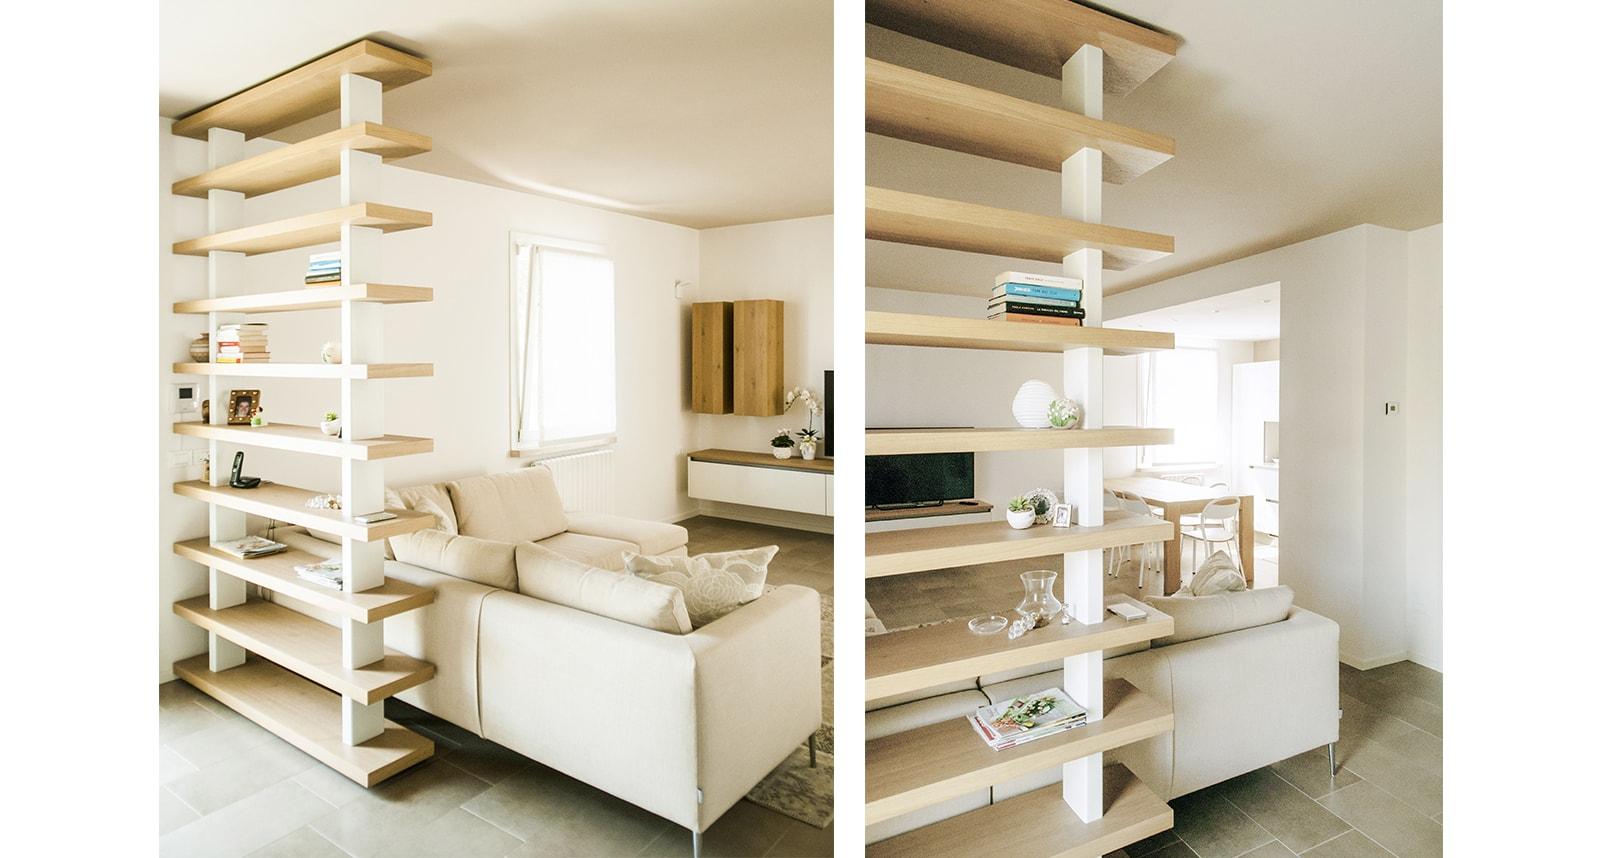 casa-giardino-via-berzuini-34-interiors